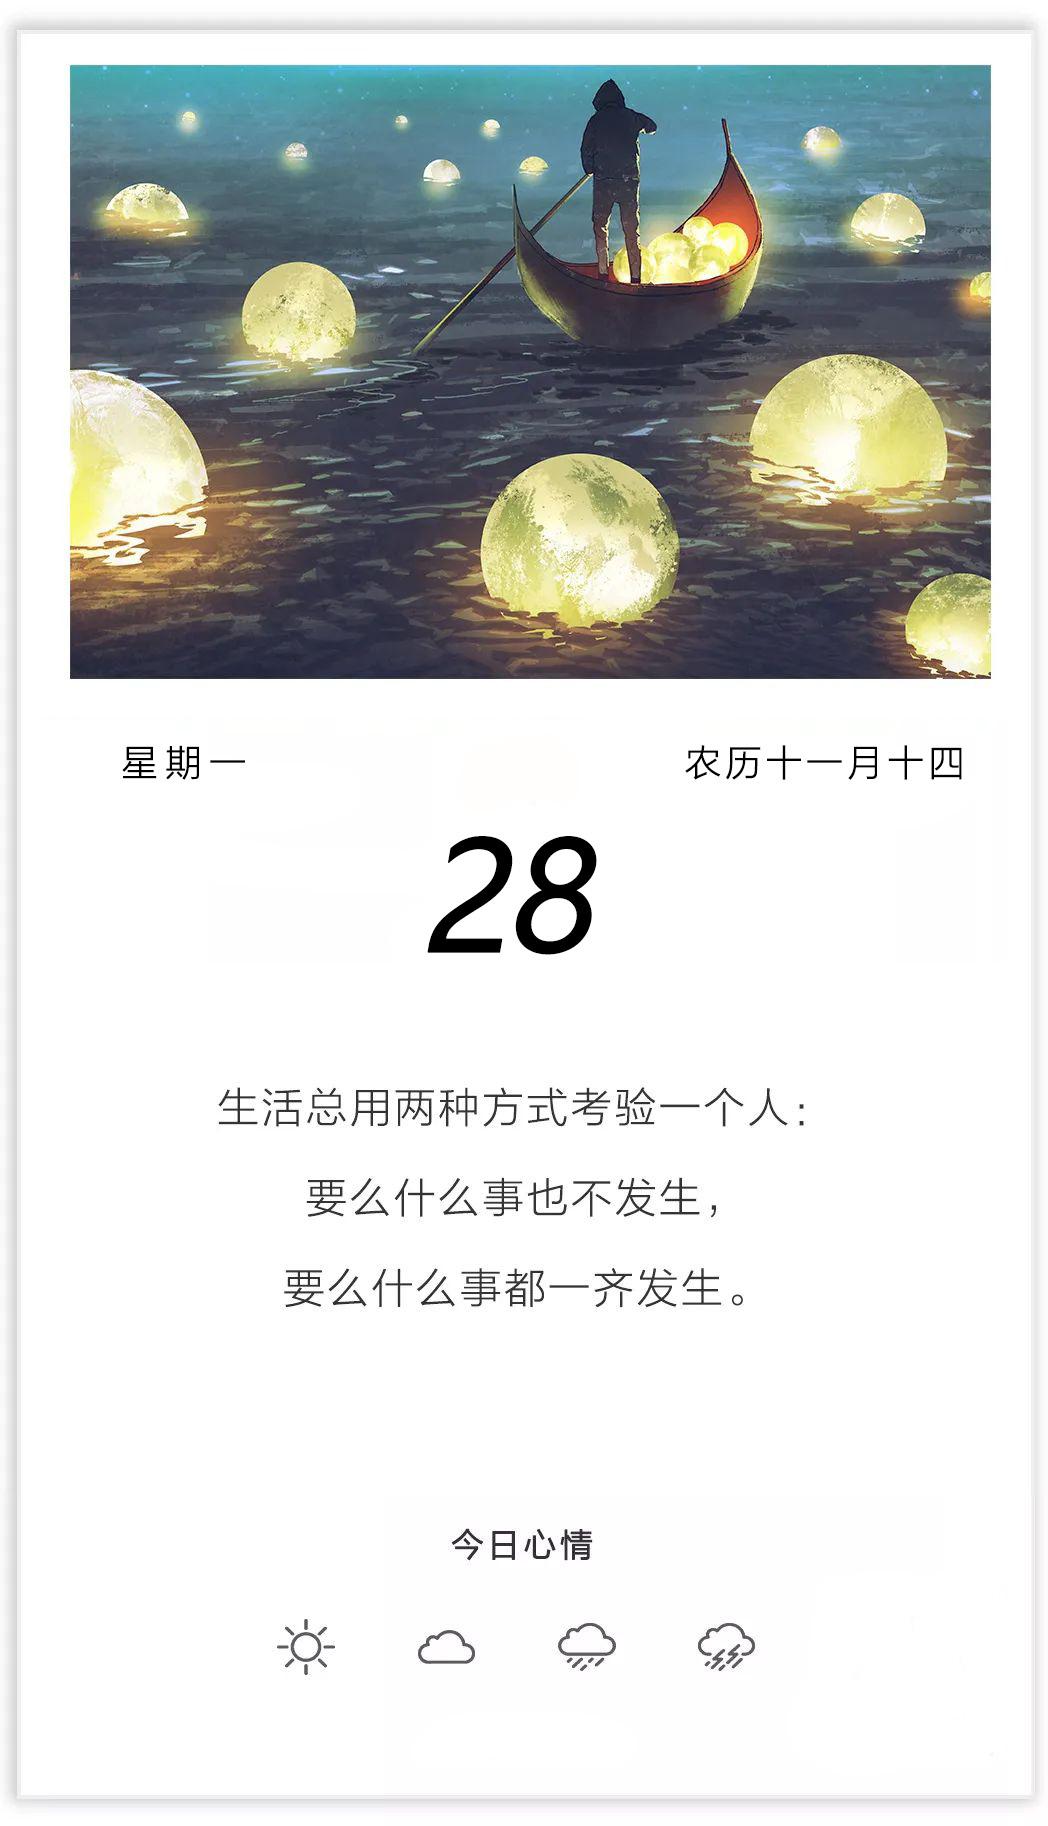 新的一周朋友圈早安说说正能量图片,12月28早安日签